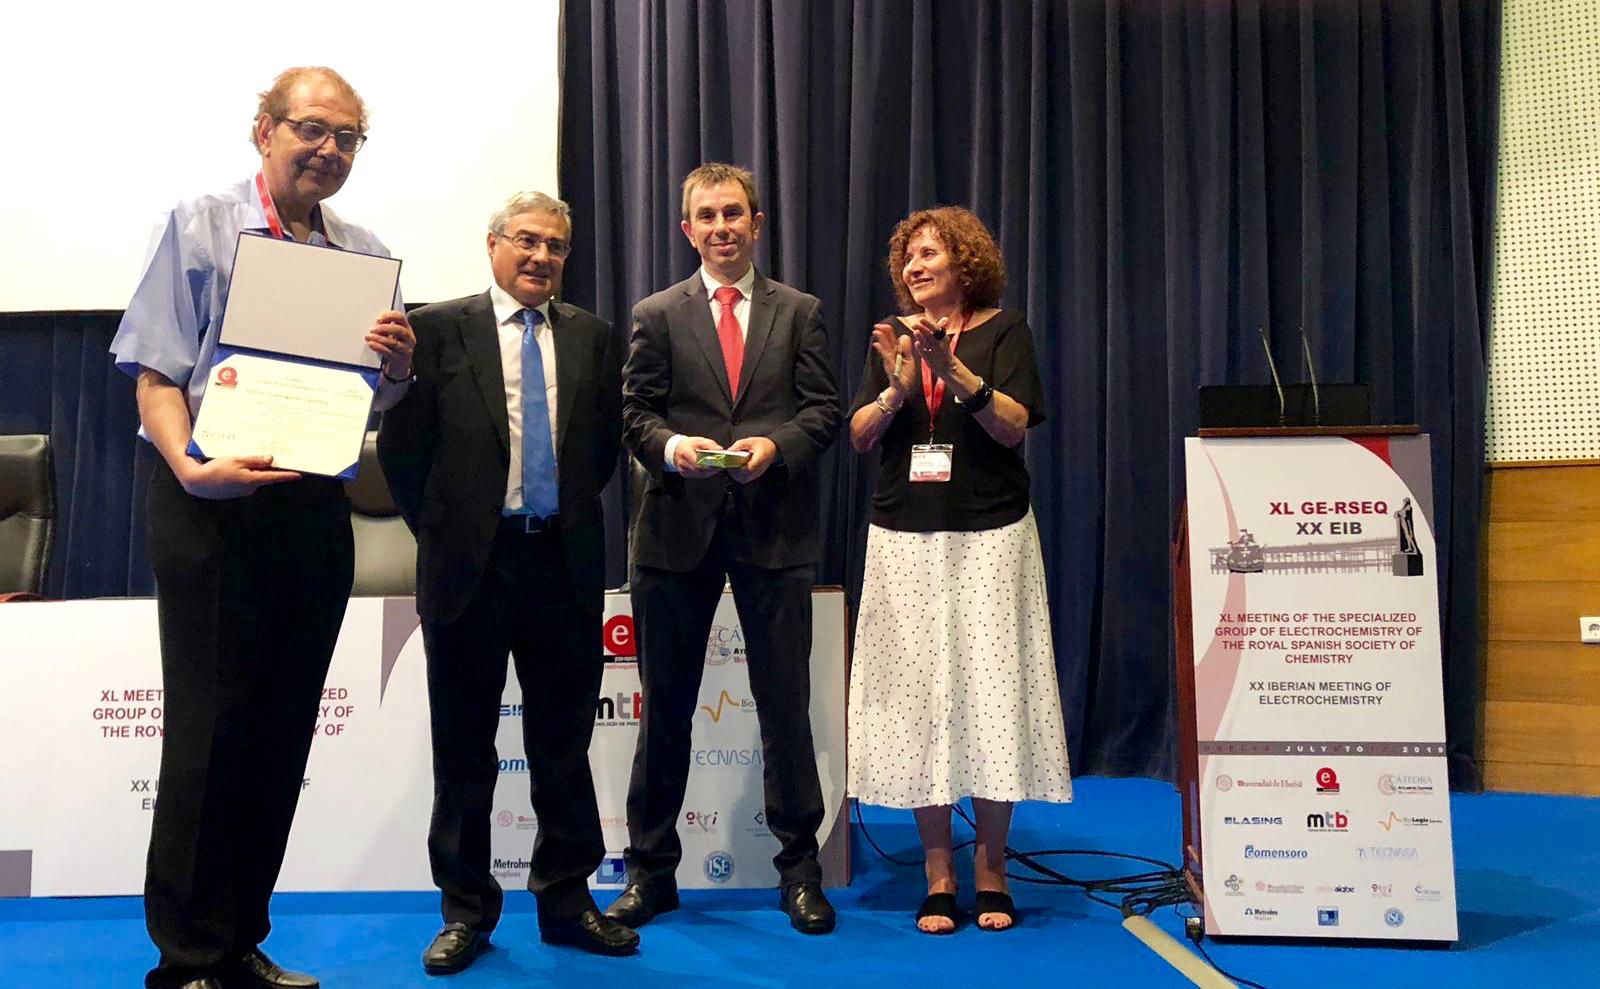 Premio CIC energiGUNE RSEQ